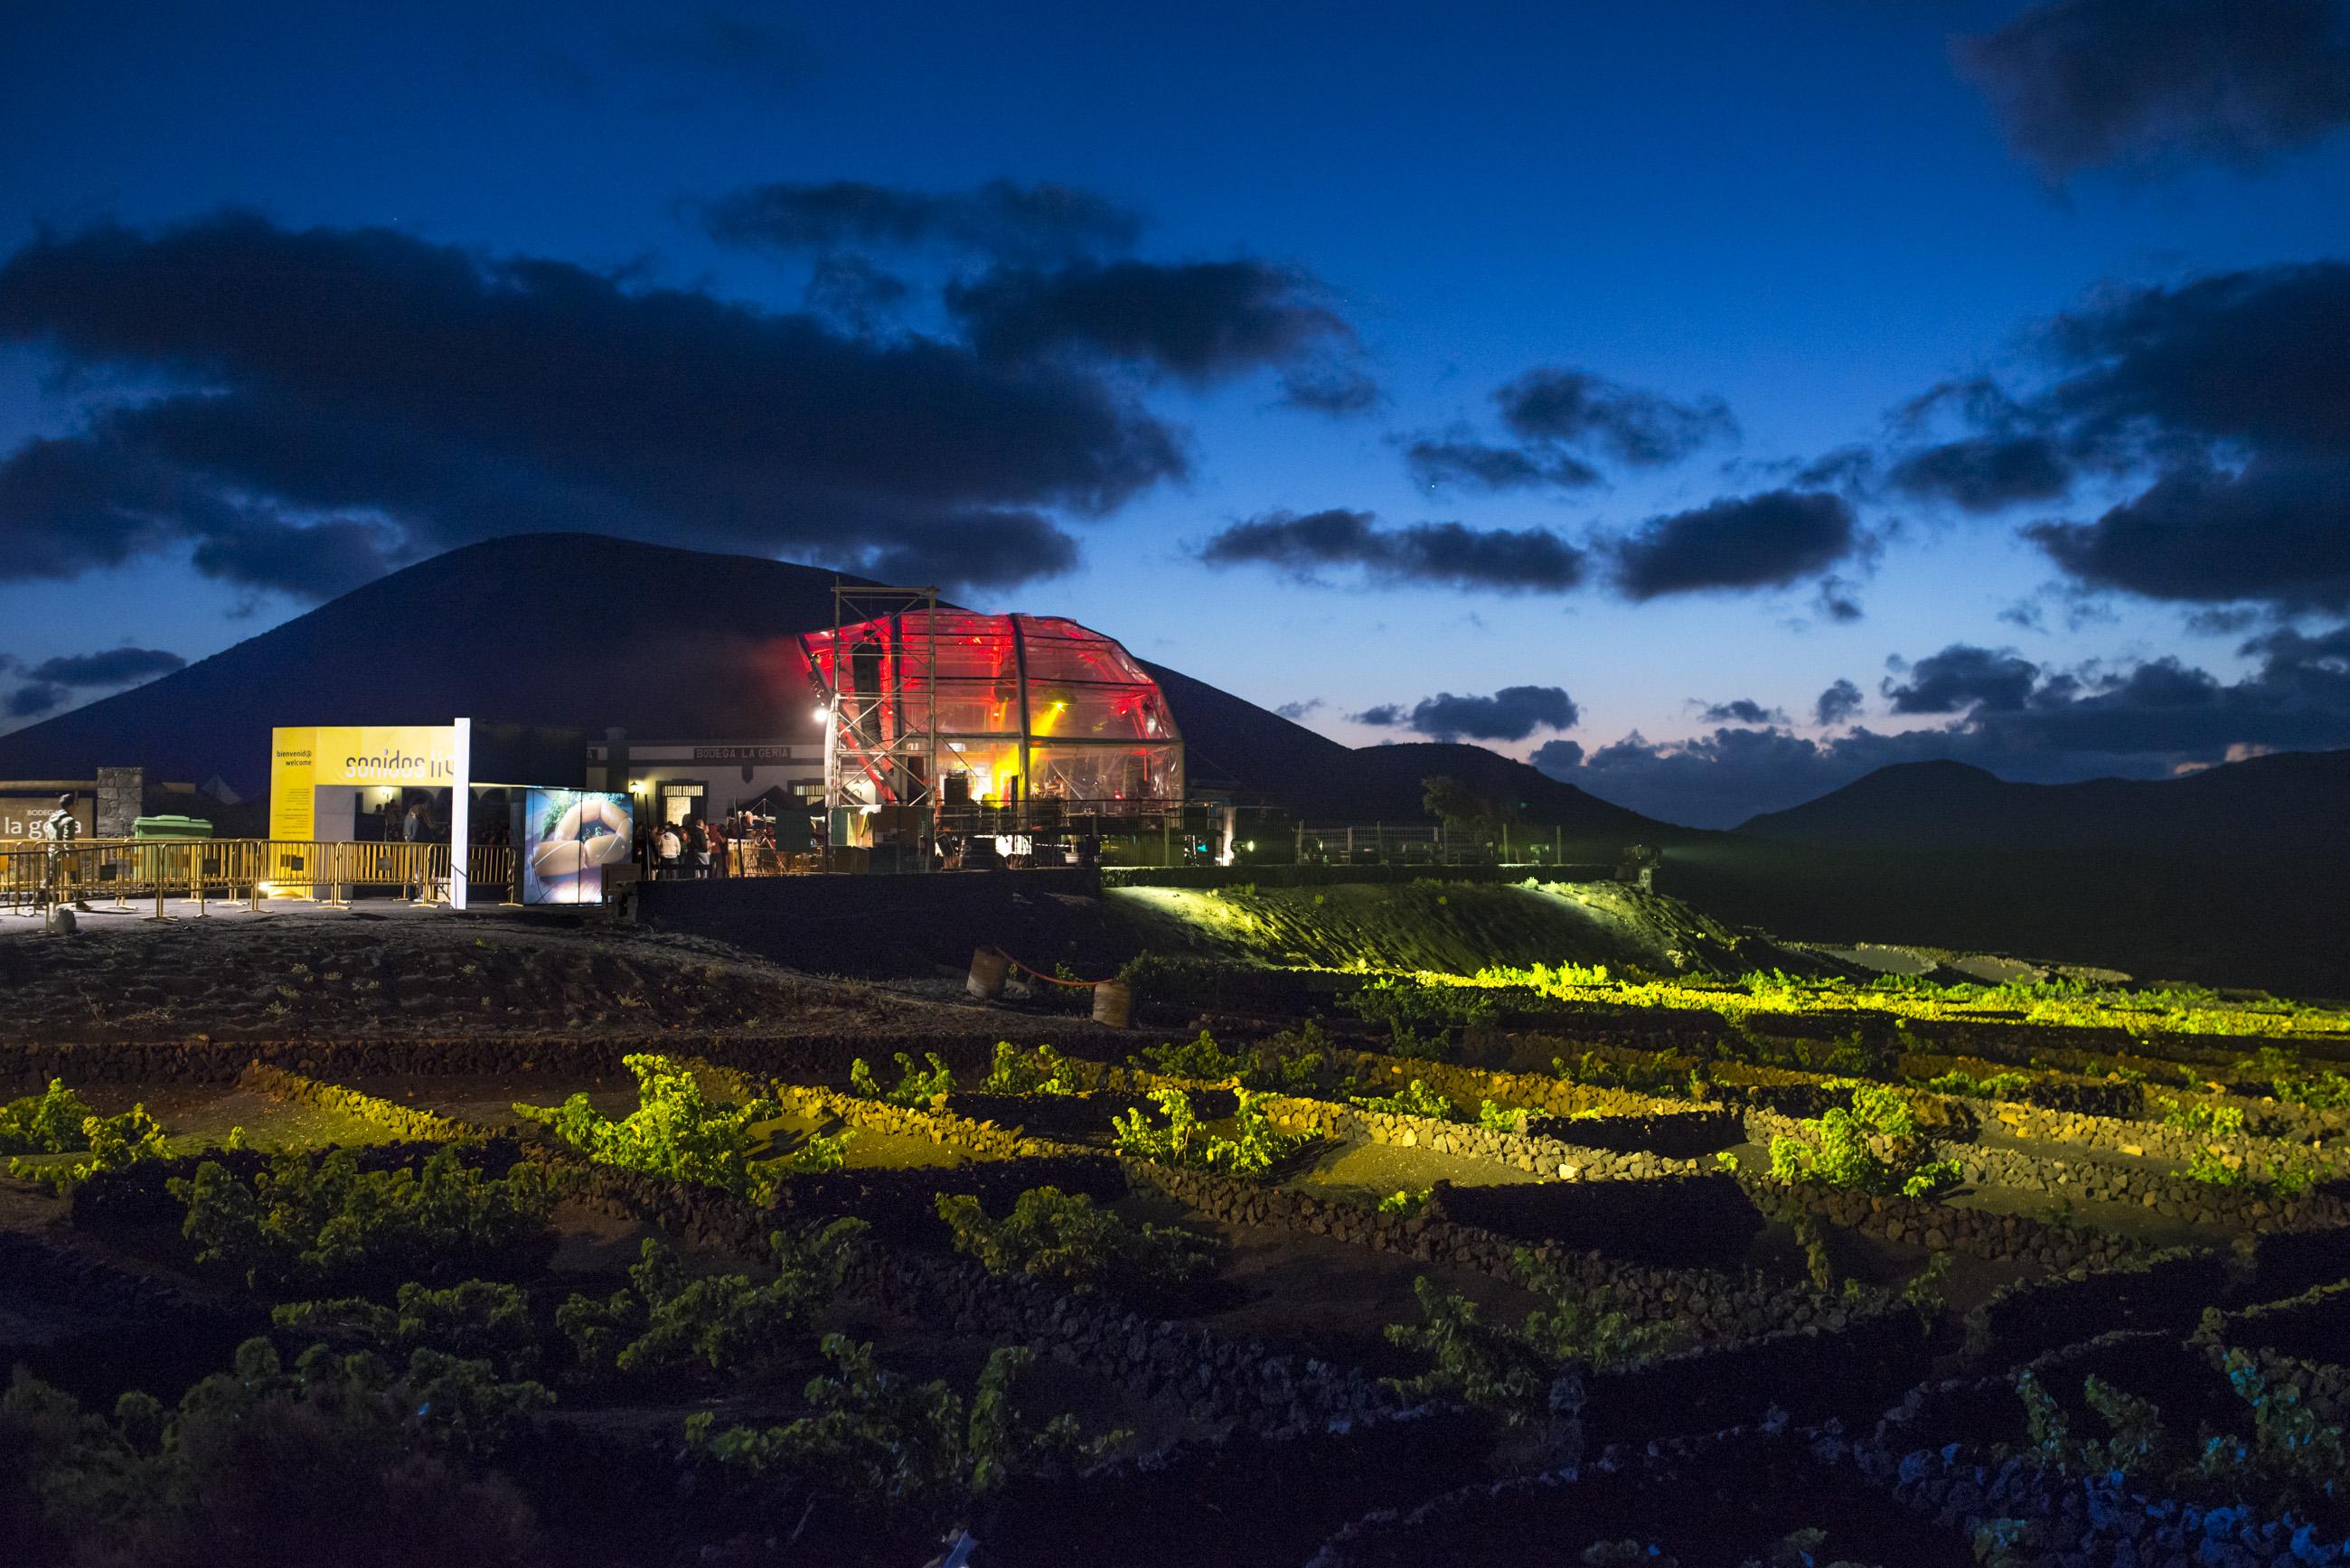 La edición más sostenible de Sonidos Líquidos llega a su fin con el Malvasía Volcánica Weekend